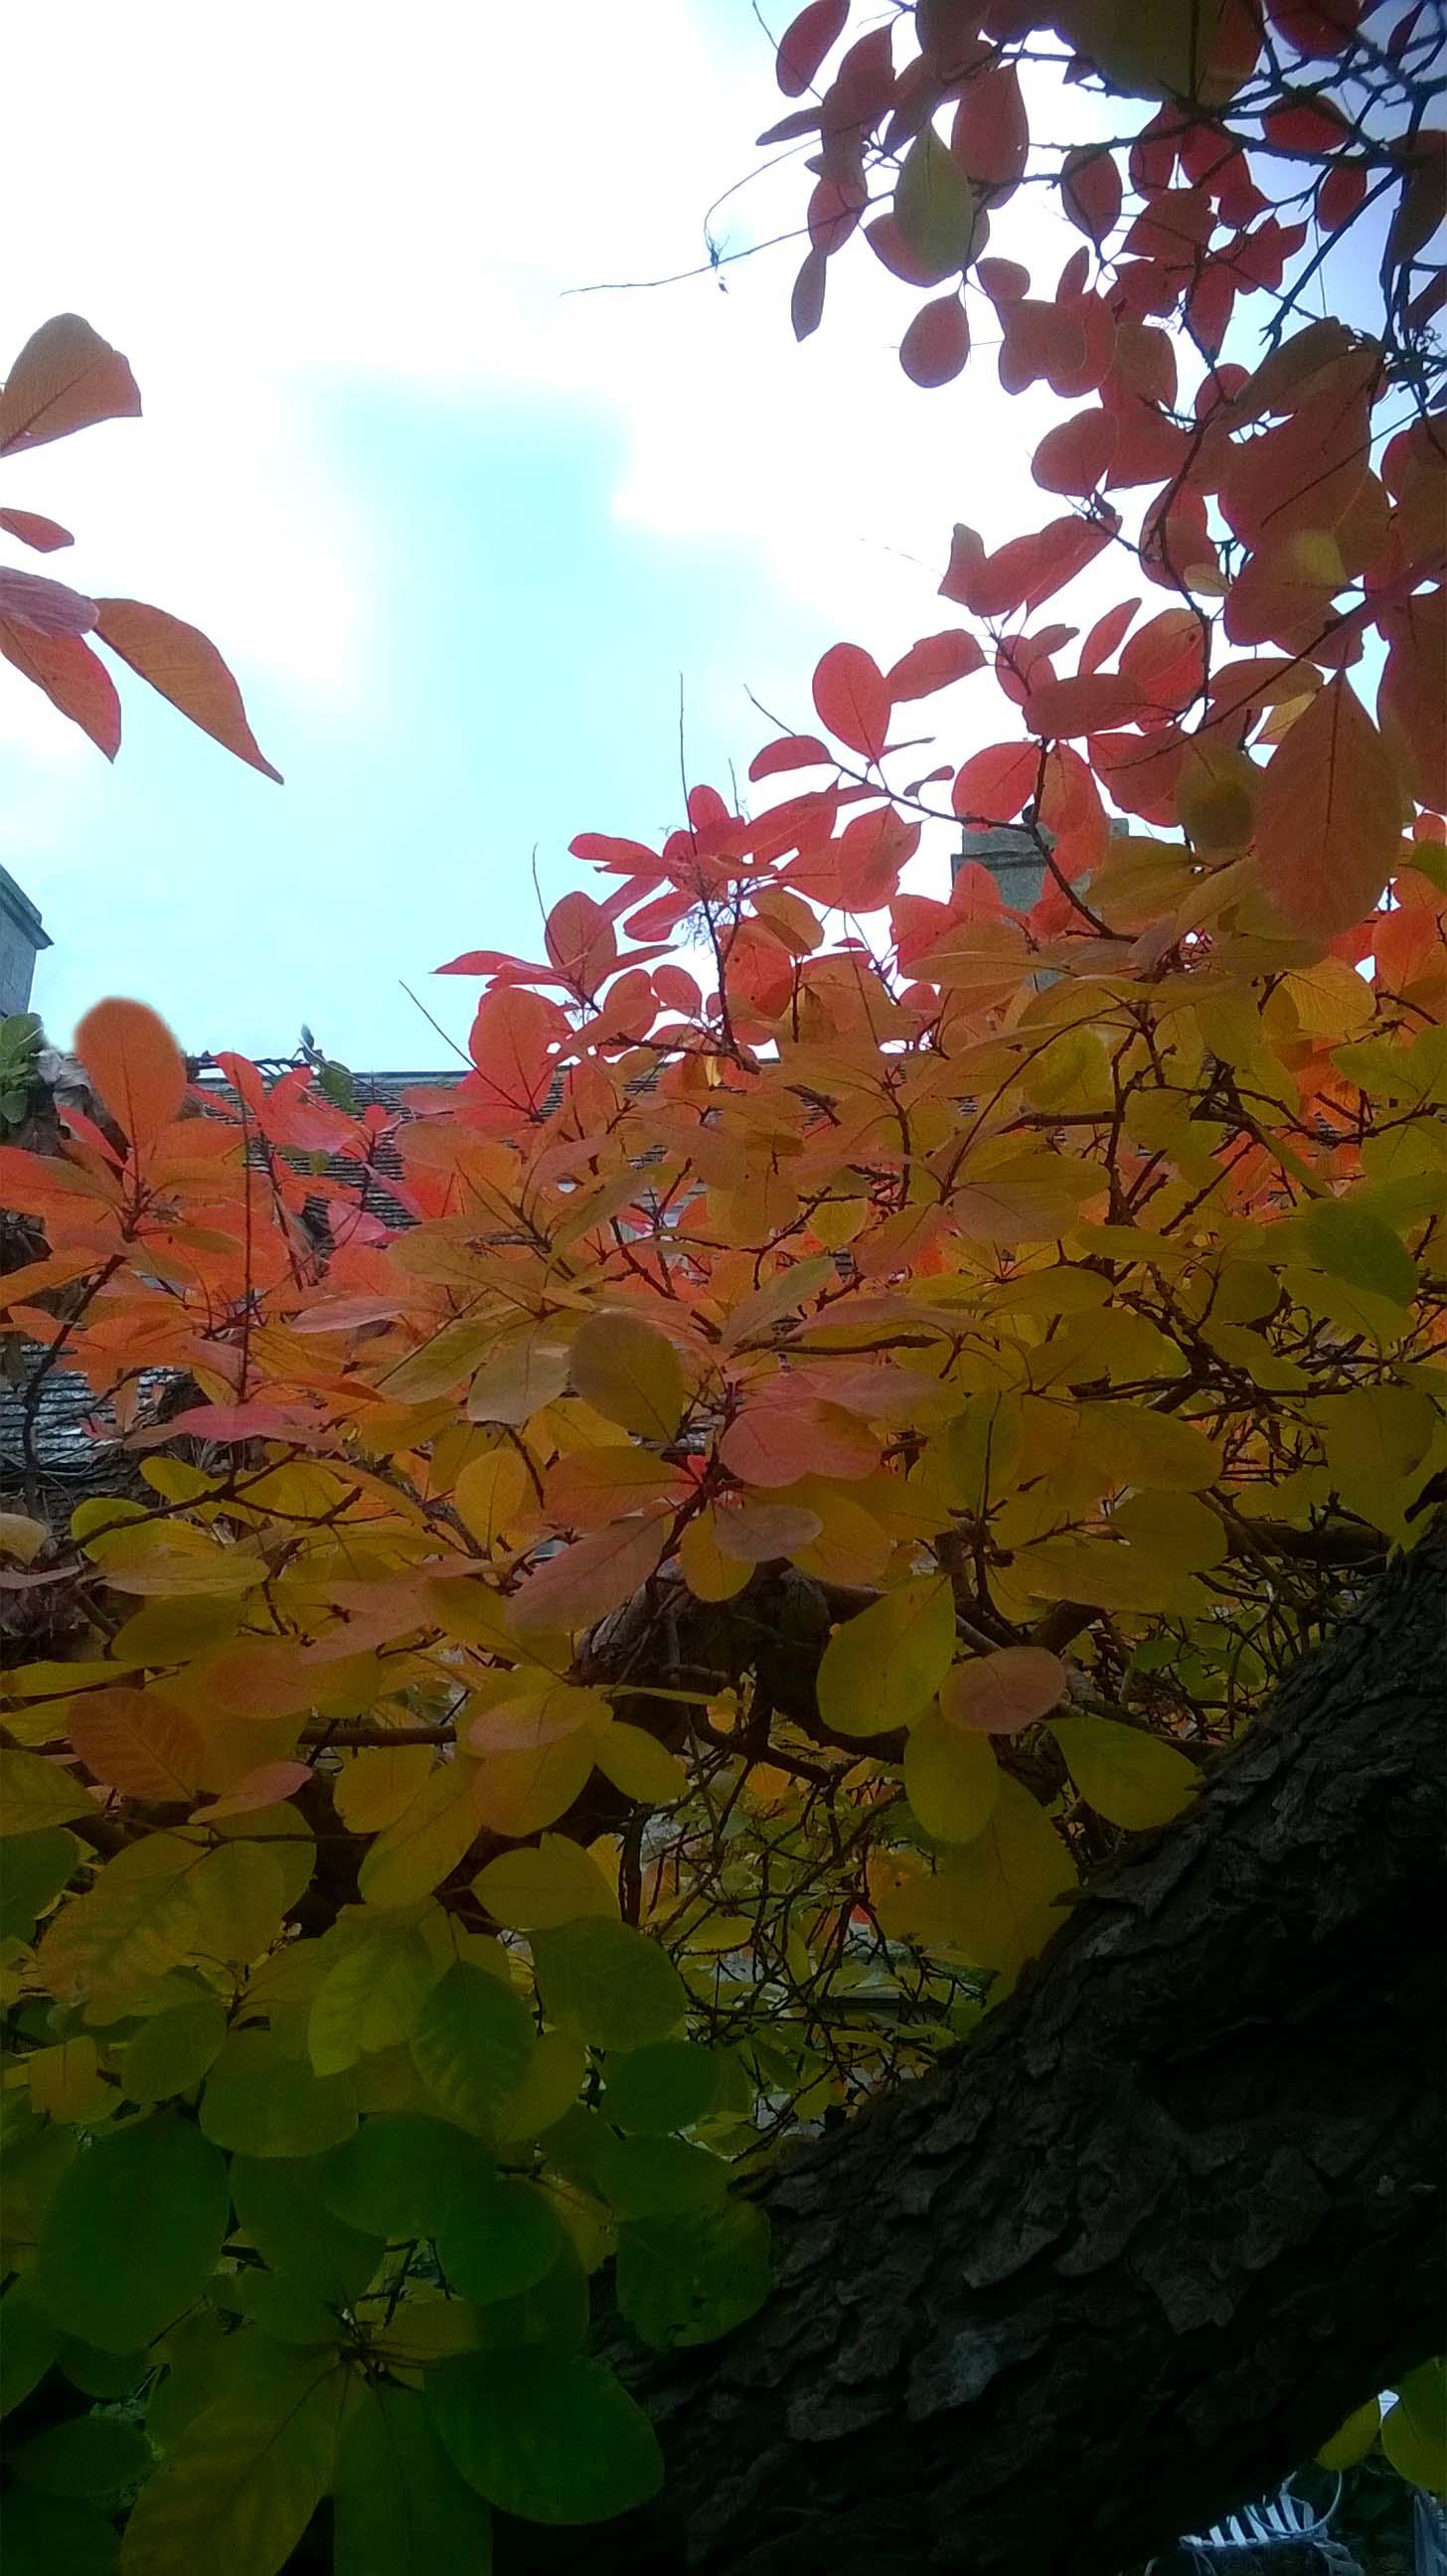 Smokebush in Autumn closeup